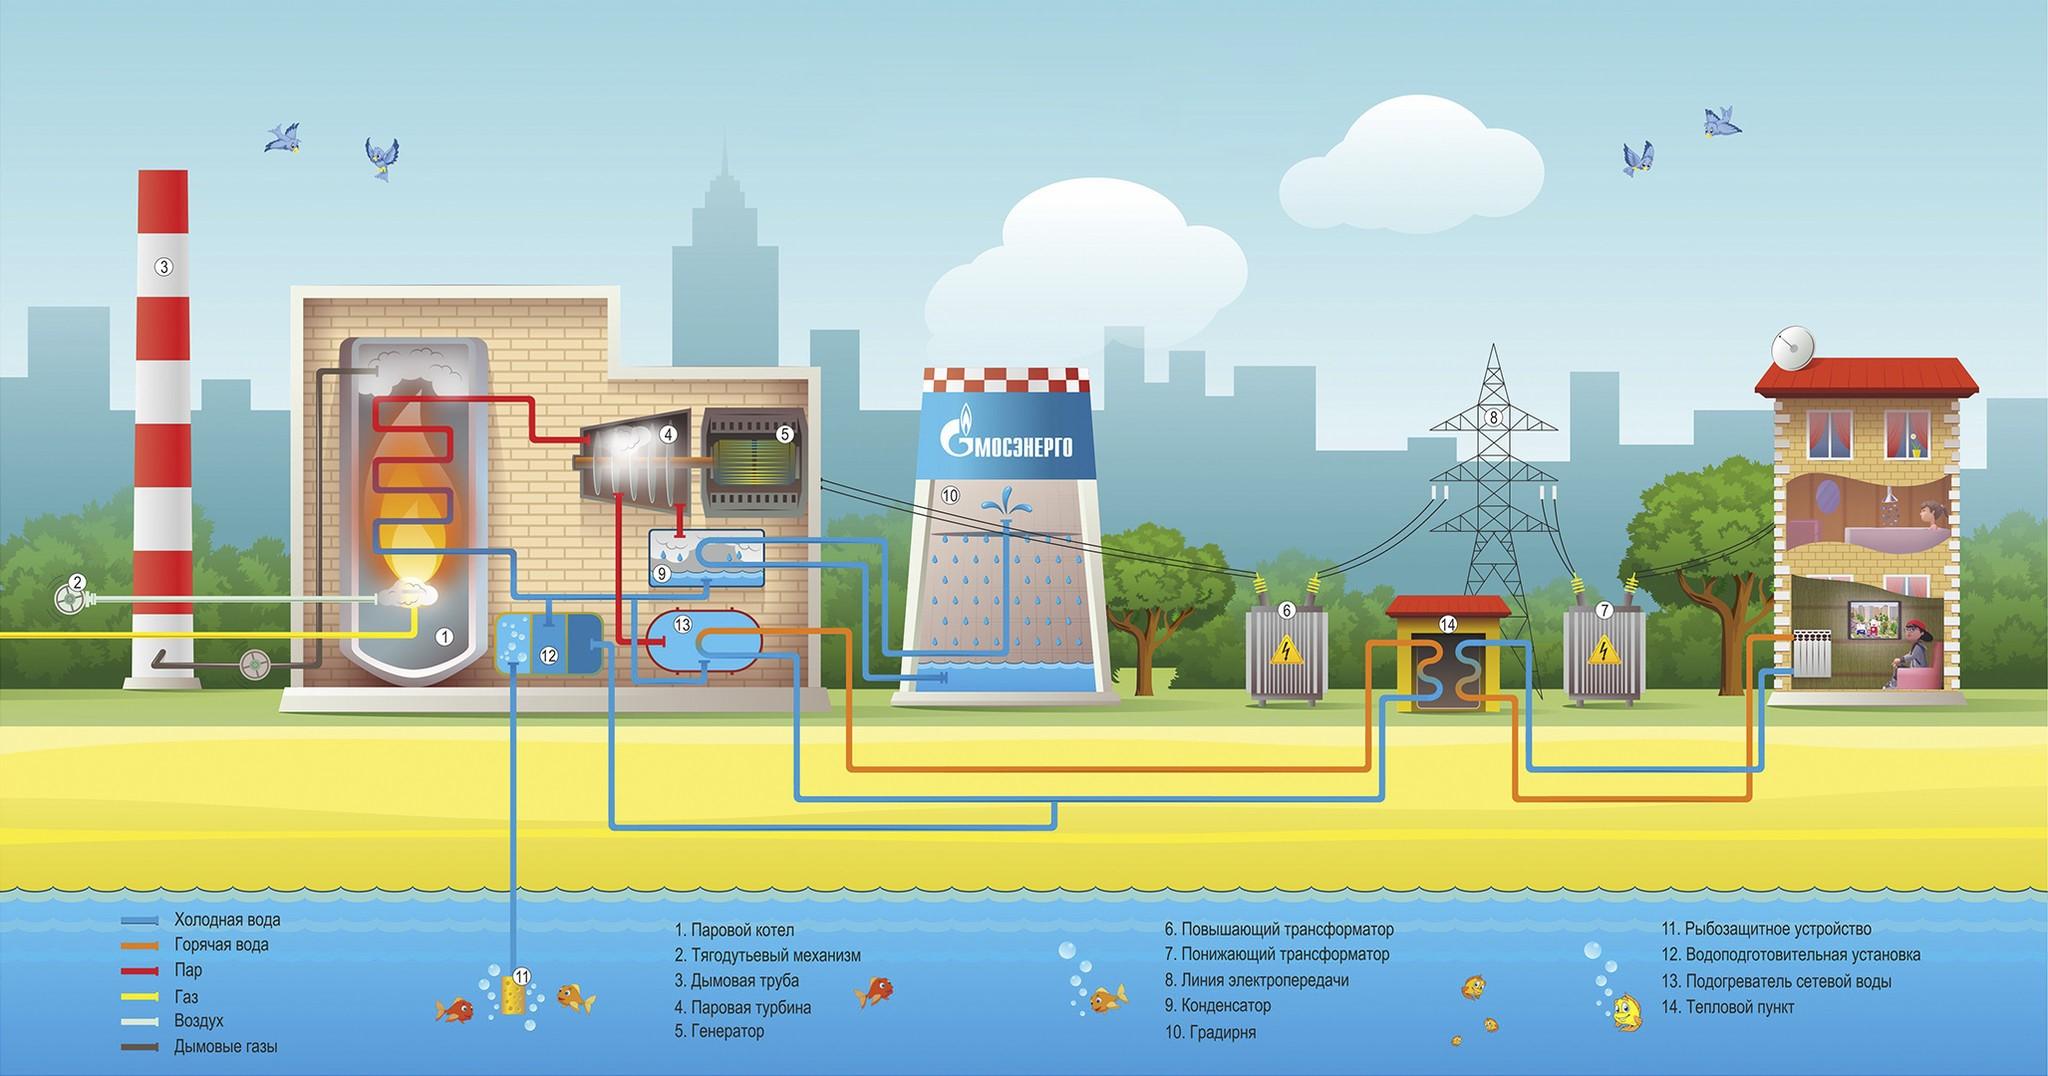 Паровые турбины: как горячий пар превращается в электричество - 2